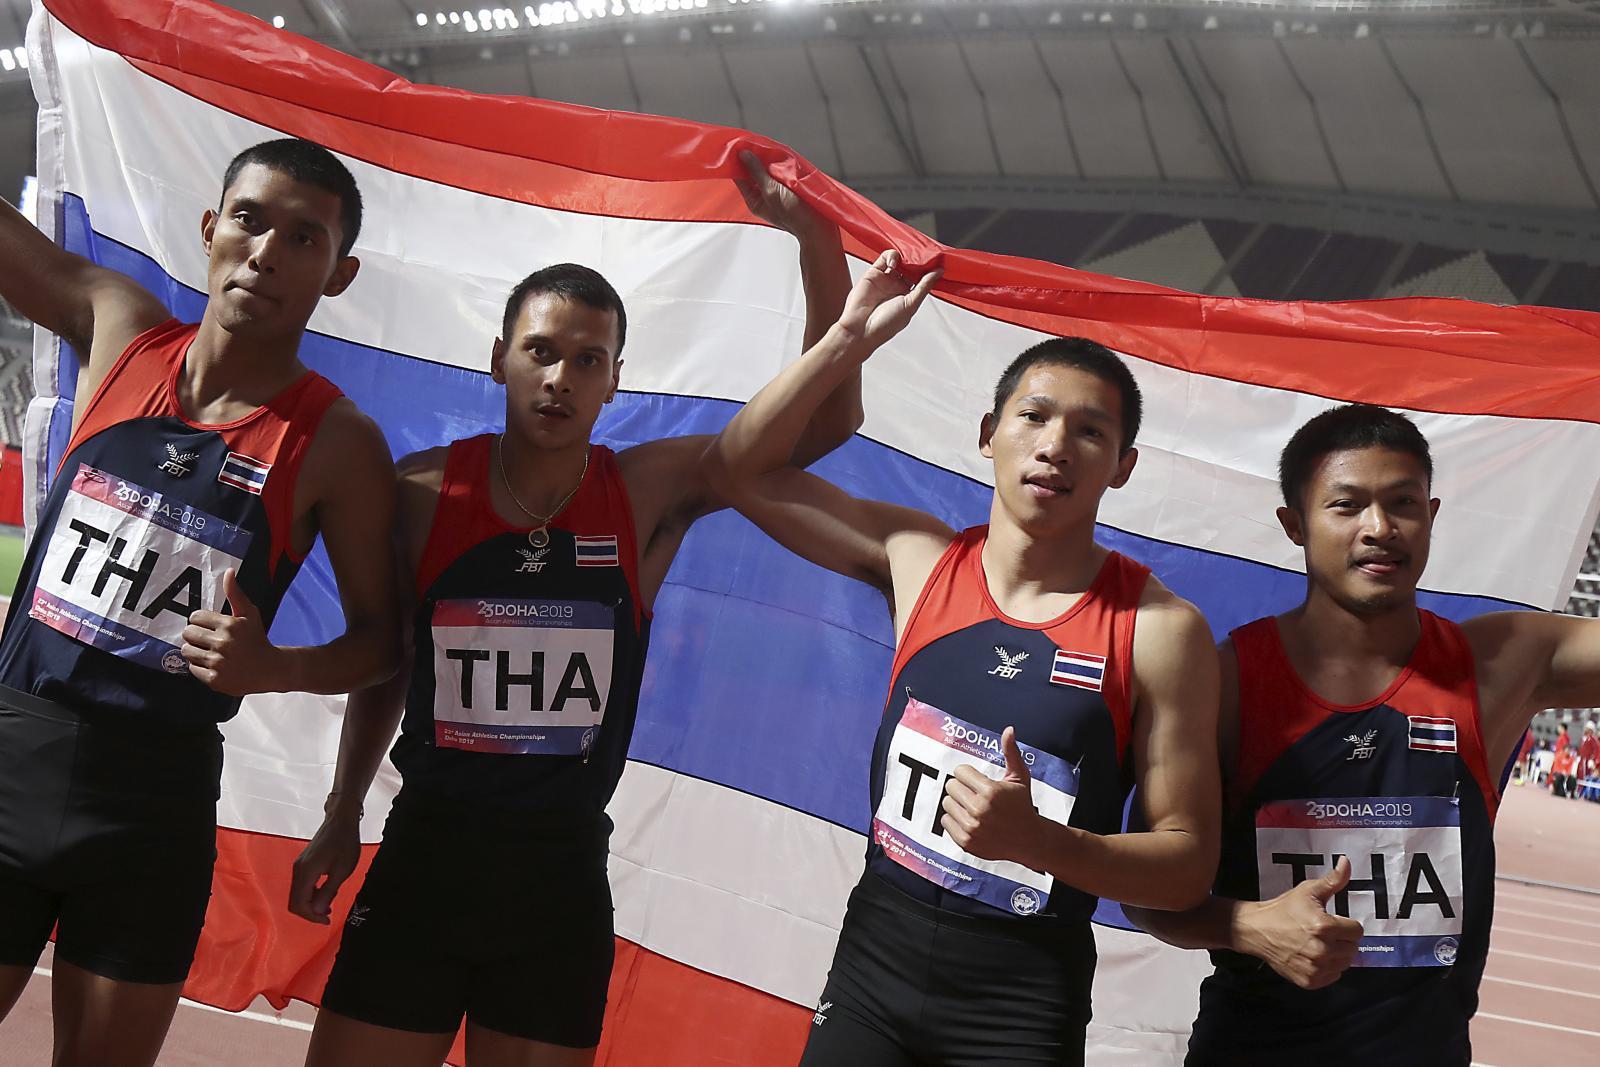 ลมกรด 4x100 เมตรชายไทย คว้าเหรียญทองชิงแชมป์เอเชีย